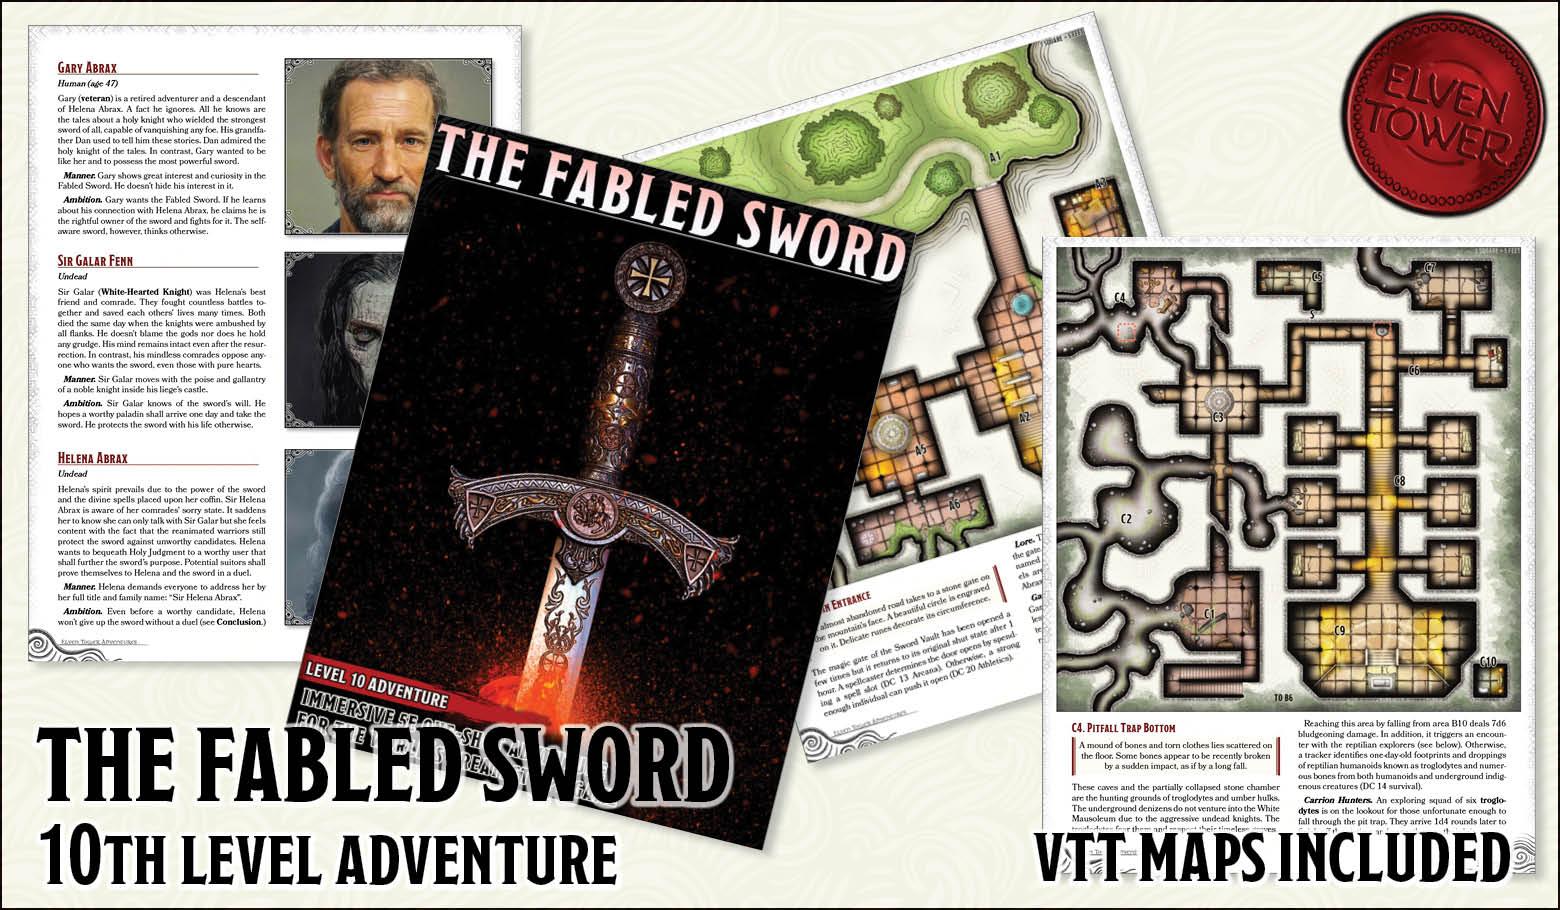 V_-_The_Fabled_Sword_-_promo1.jpg